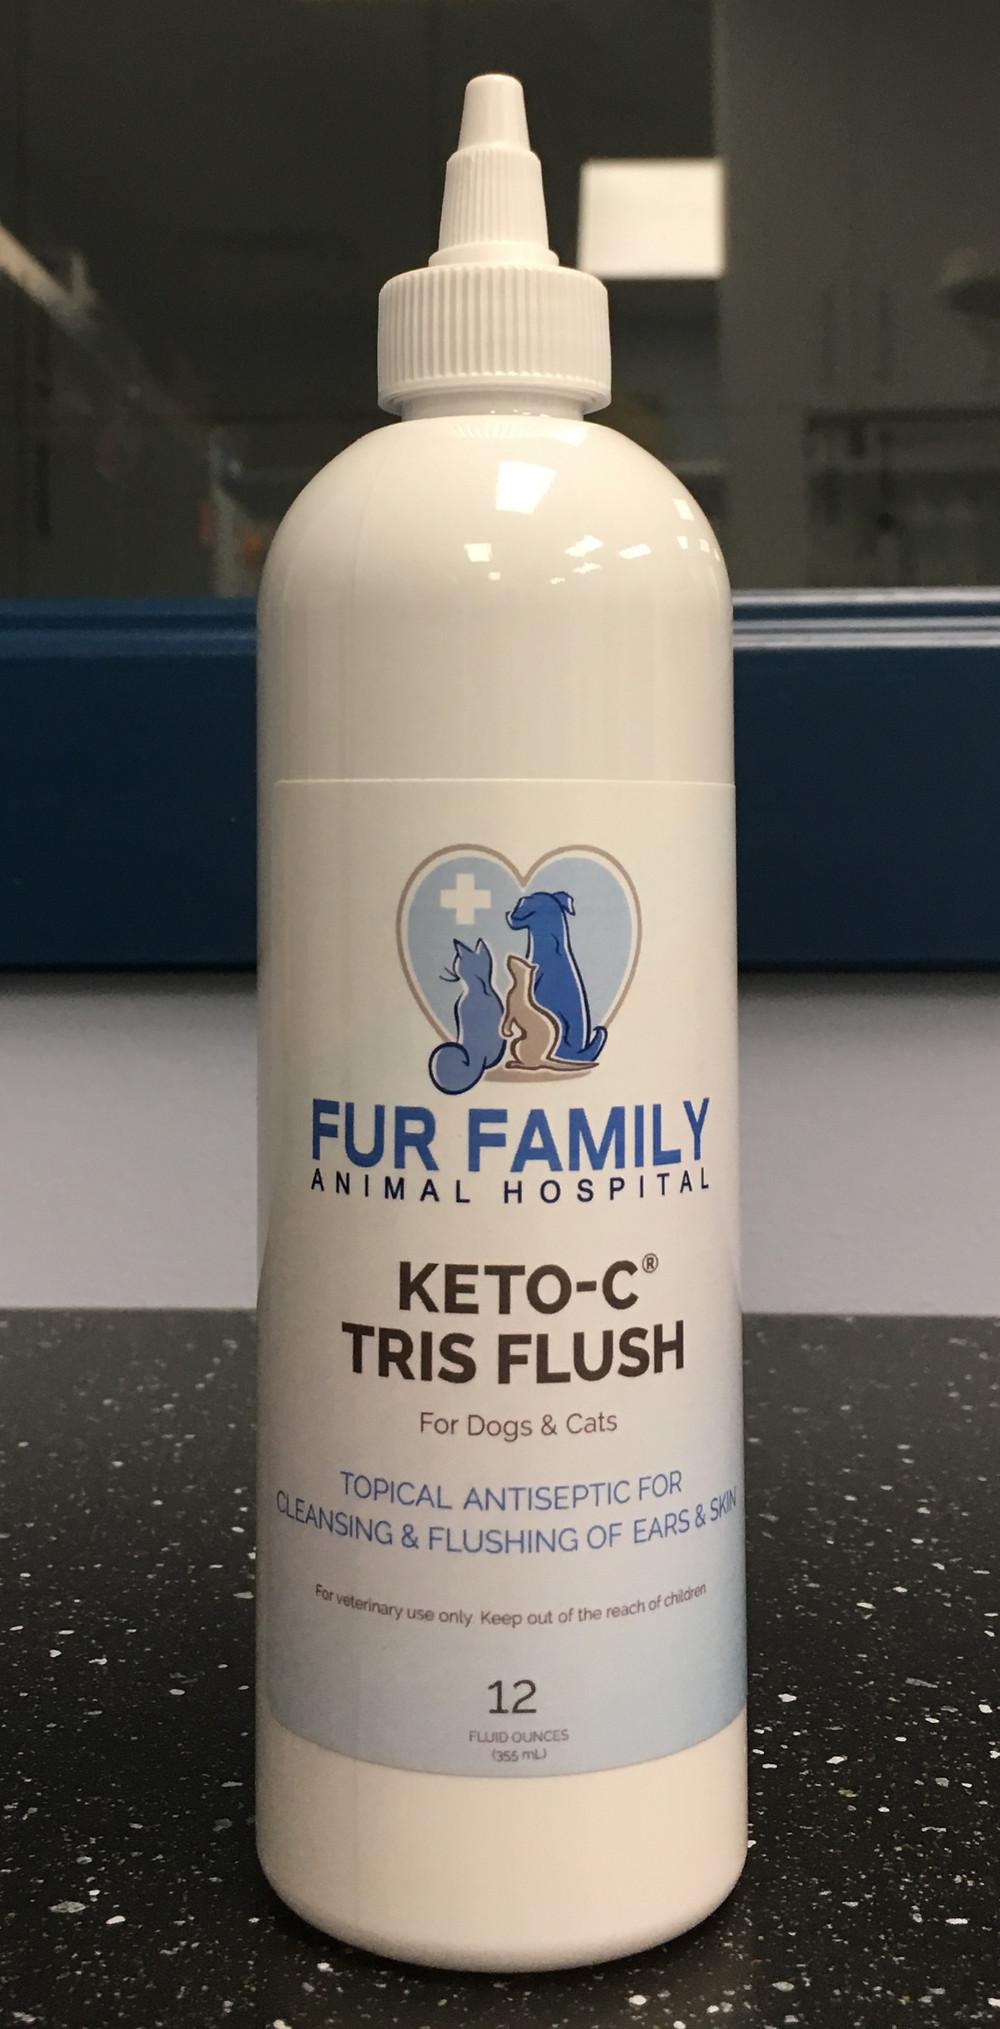 Keto-C(r) Tris Flush